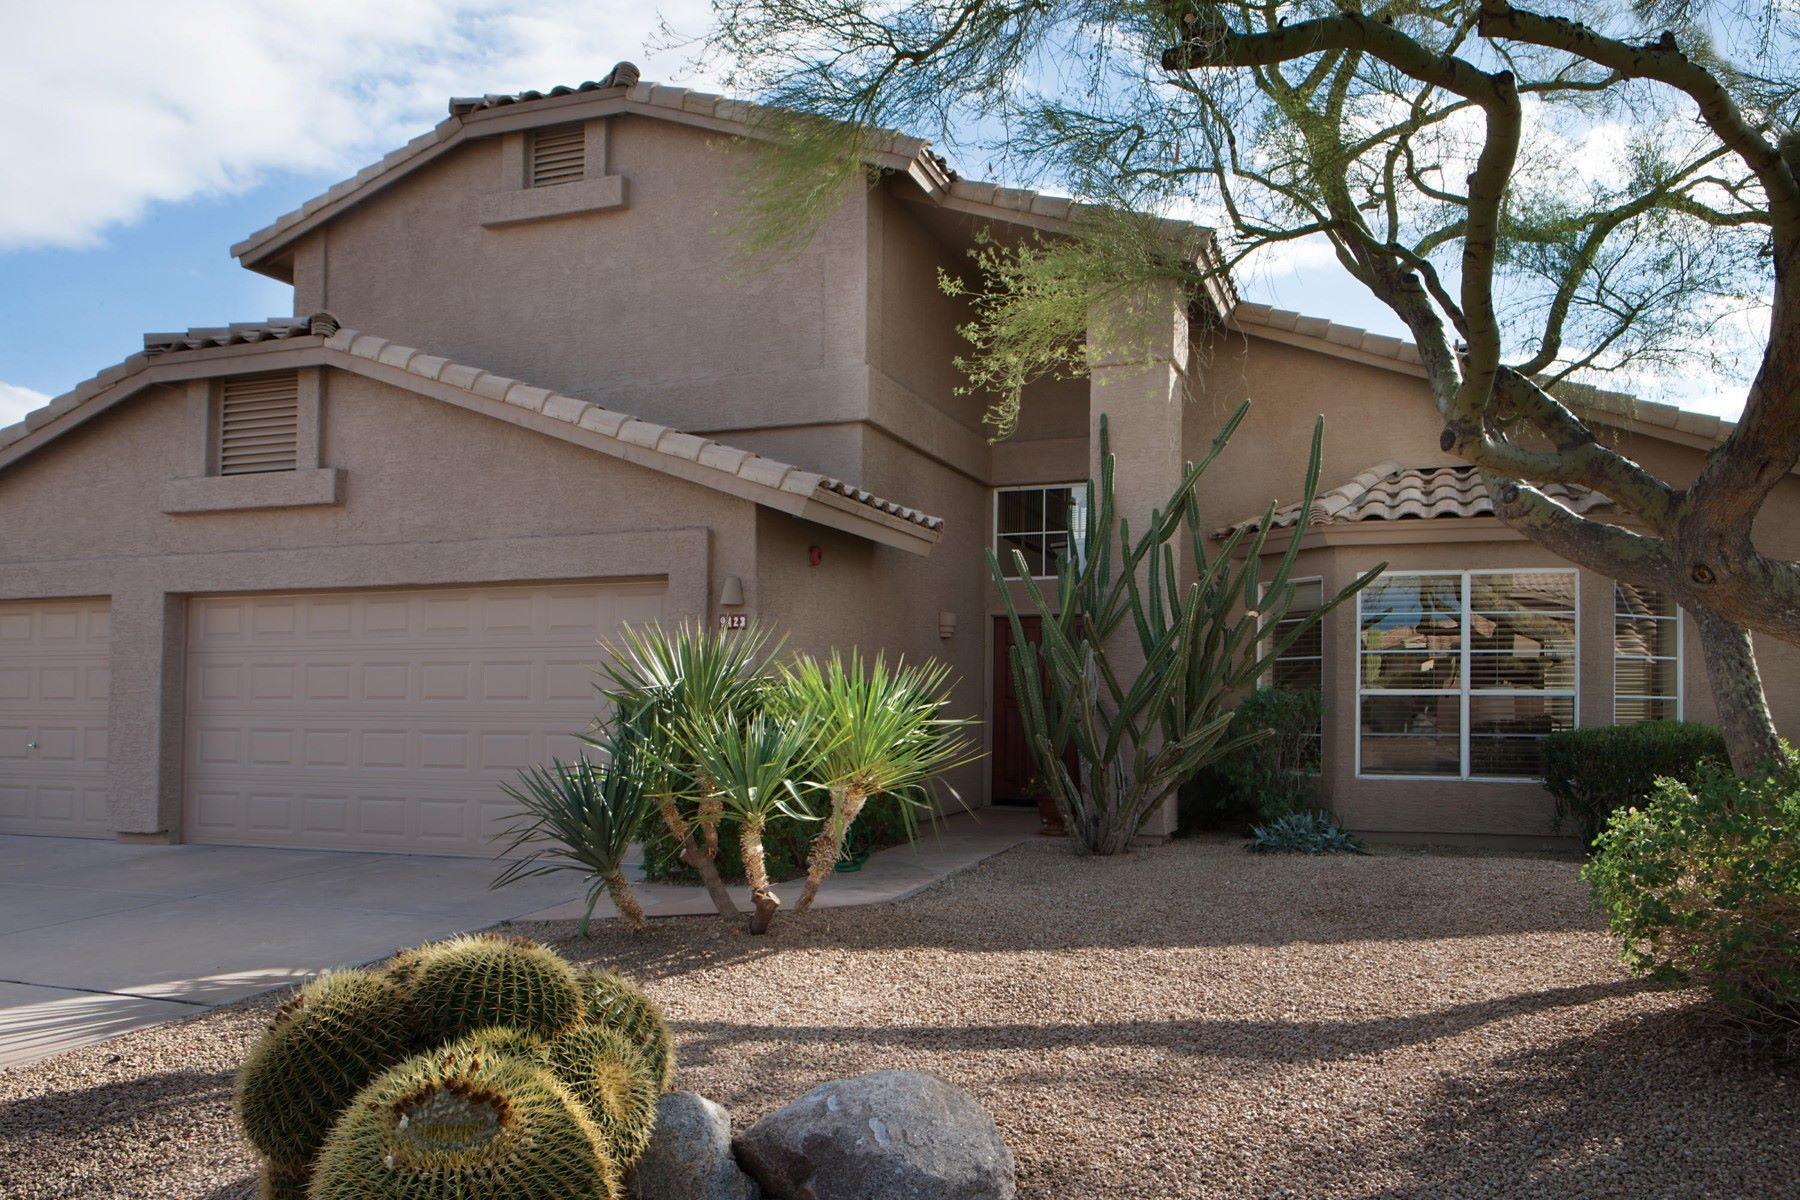 단독 가정 주택 용 매매 에 Immaculately maintained Ironwood Village 9423 E Rosemonte Dr Scottsdale, 아리조나, 85255 미국